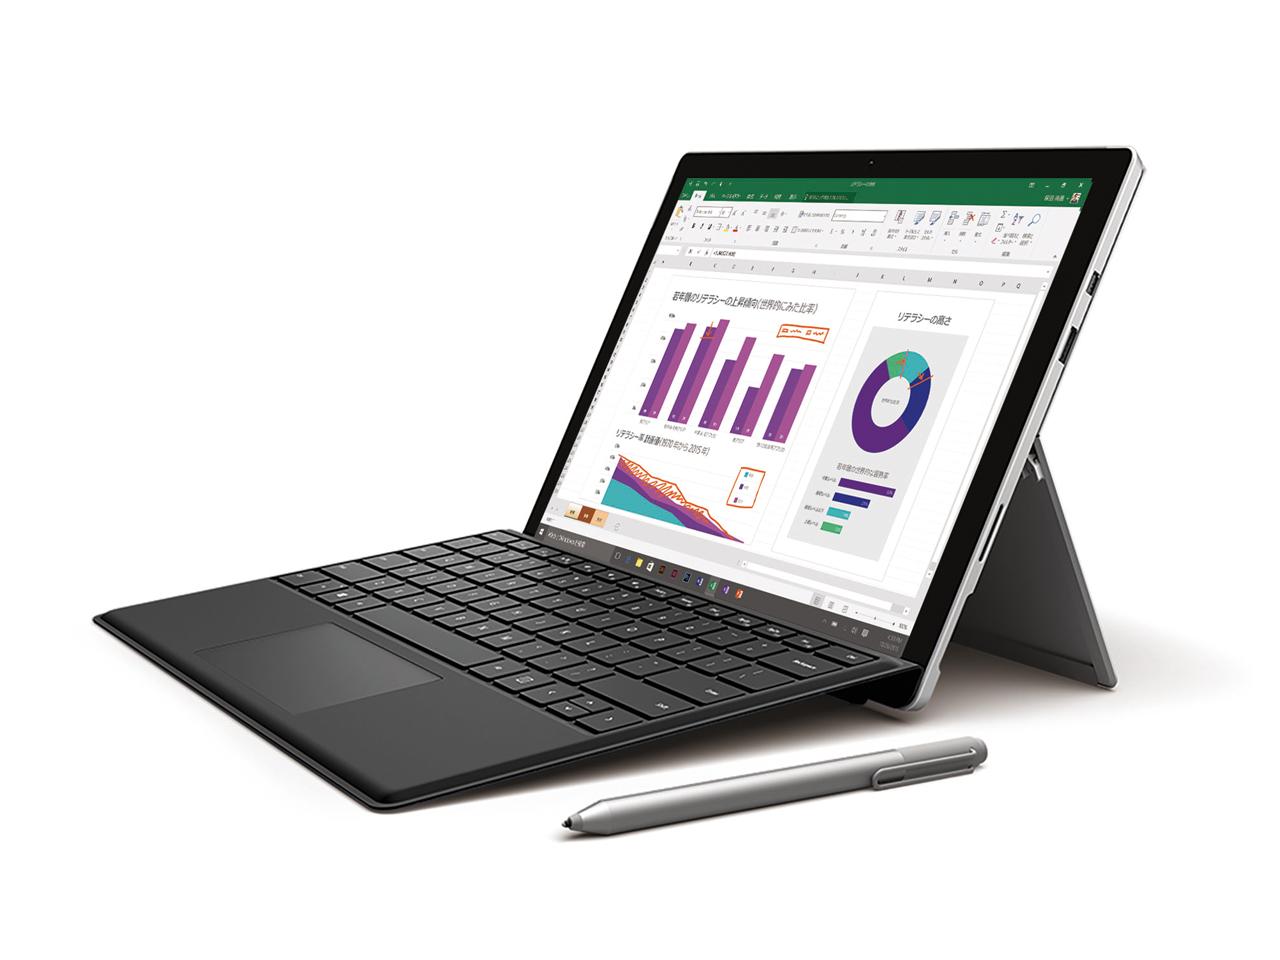 『本体 斜め』 Surface Pro 4 TH4-00014 の製品画像